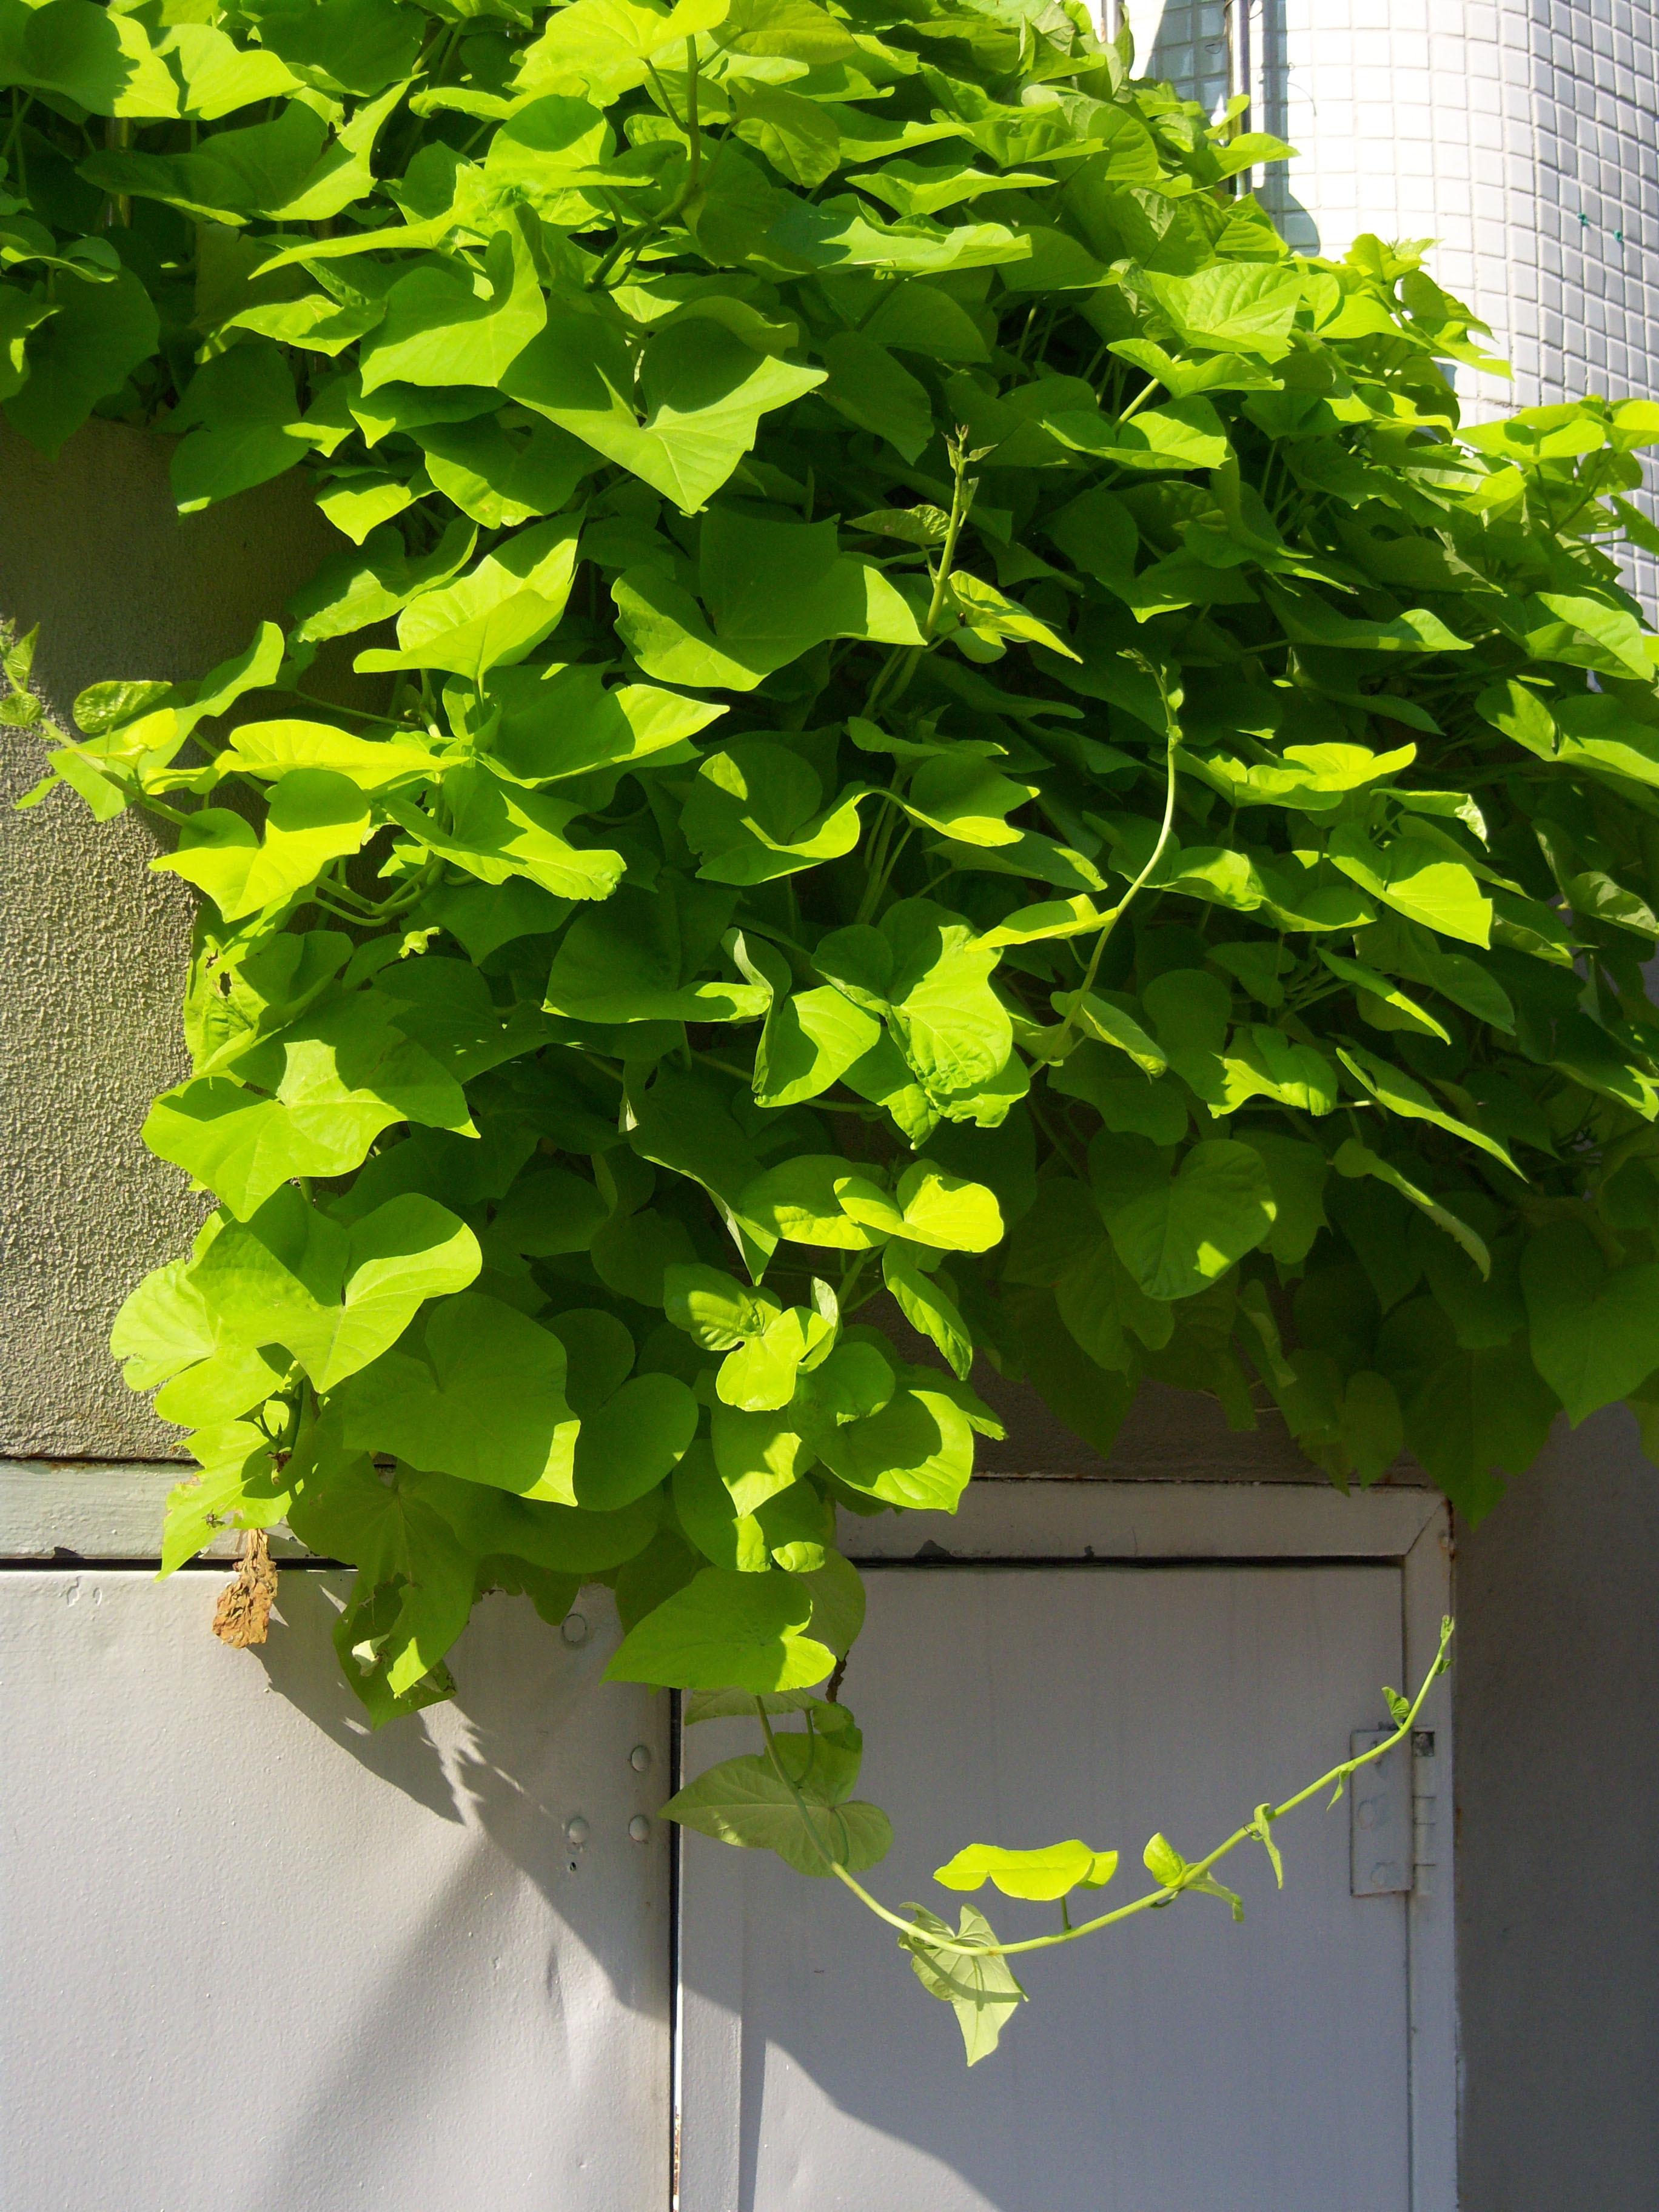 Sweet Potato Plant  How to Grow Potato Vine Plant